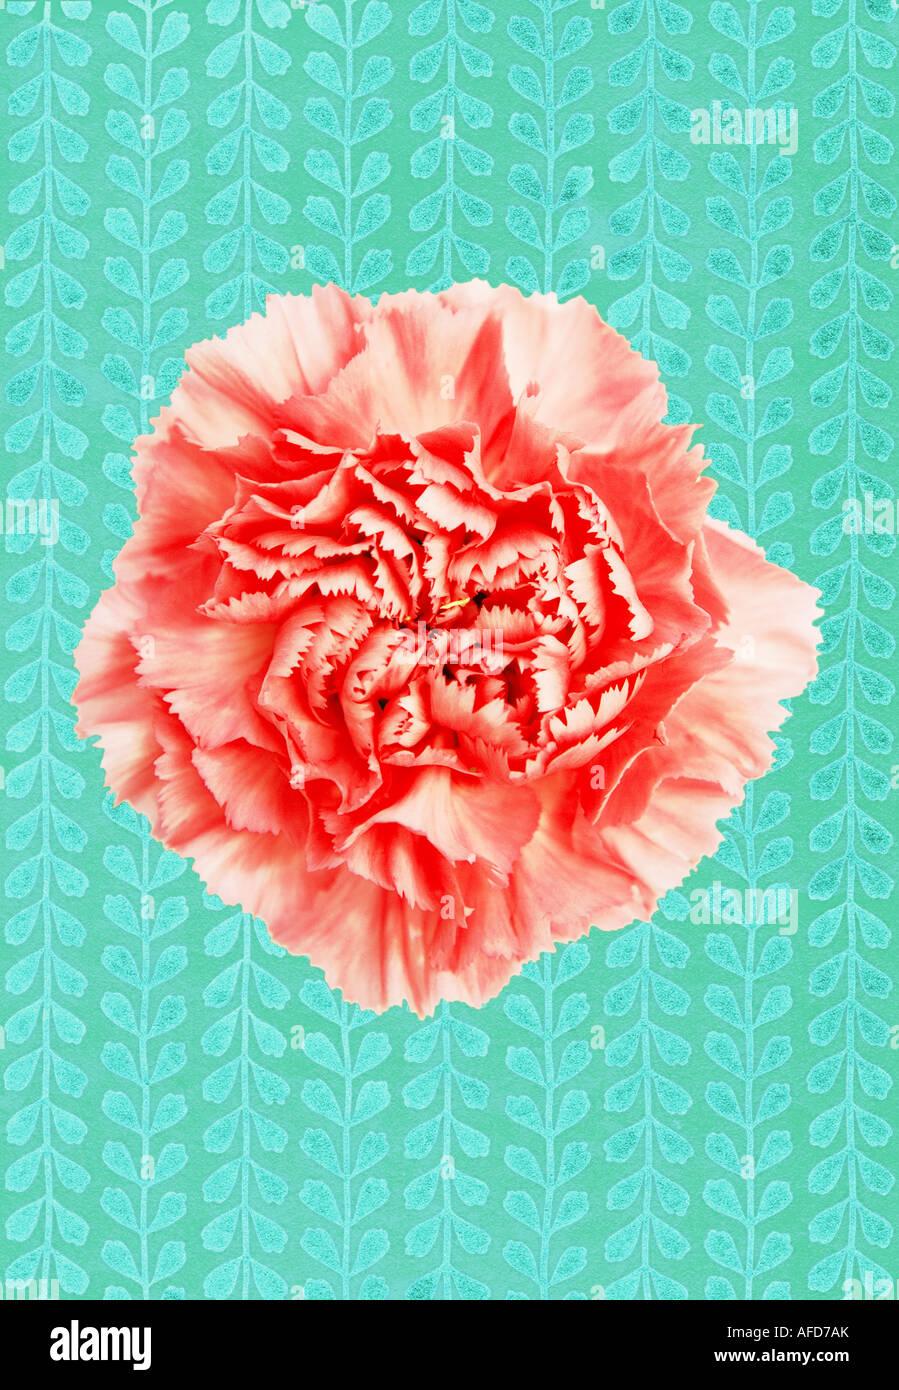 Illustration der rosa Nelke gegen einen strukturierten gemusterten Hintergrund Stockbild